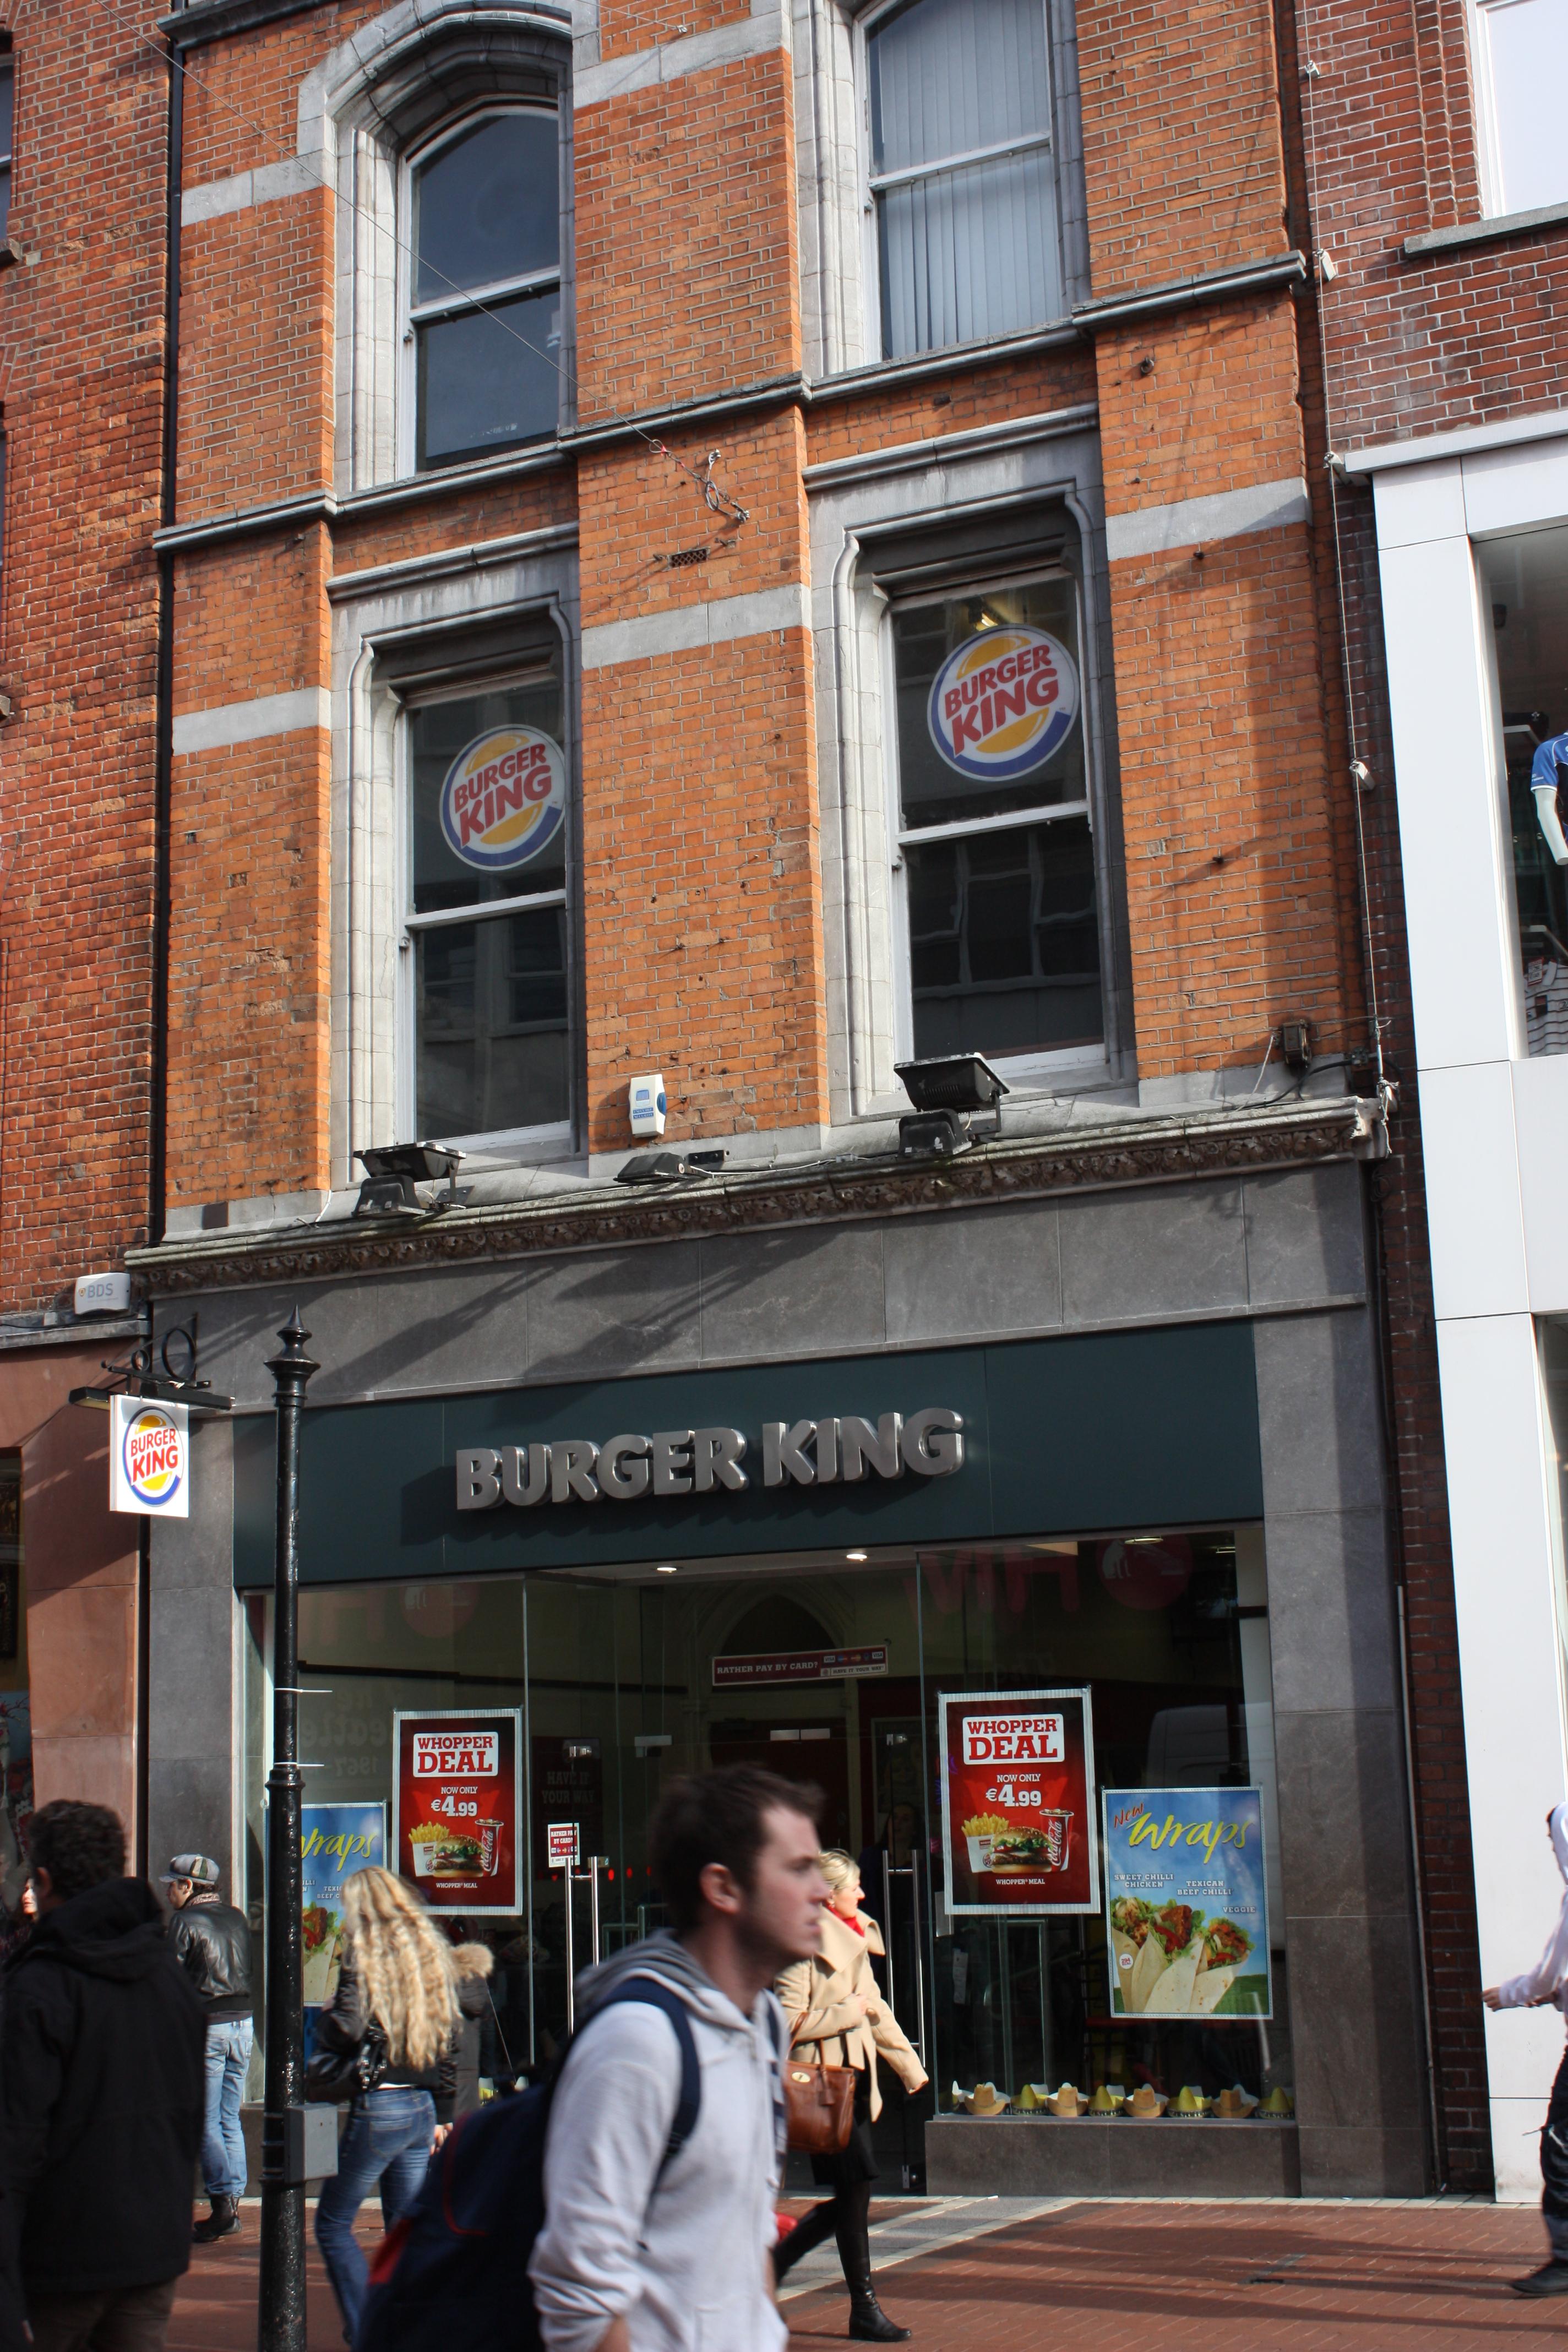 File:Burger King, Dublin, October 2010 JPG - Wikimedia Commons